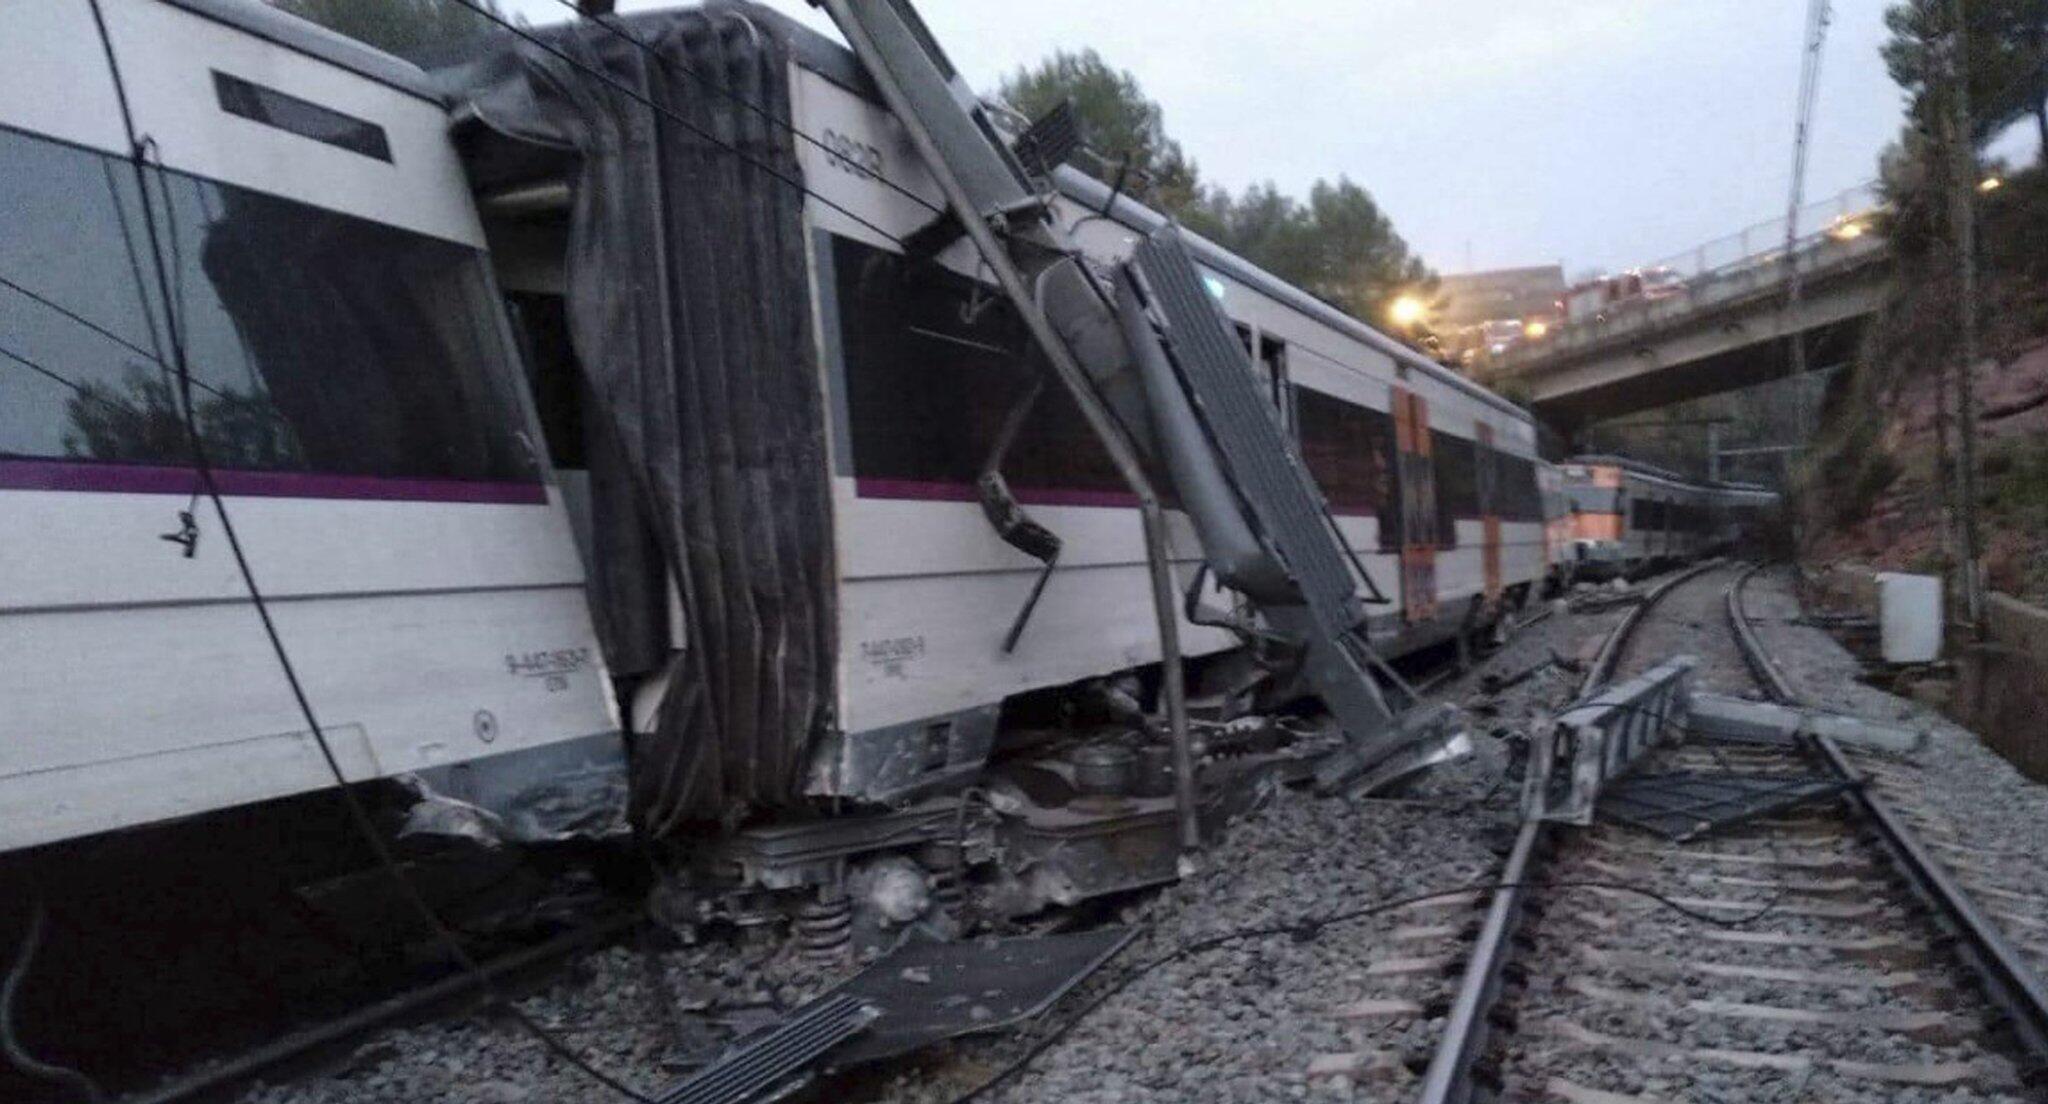 Spanien: Zug bei Barcelona entgleist - ein Toter